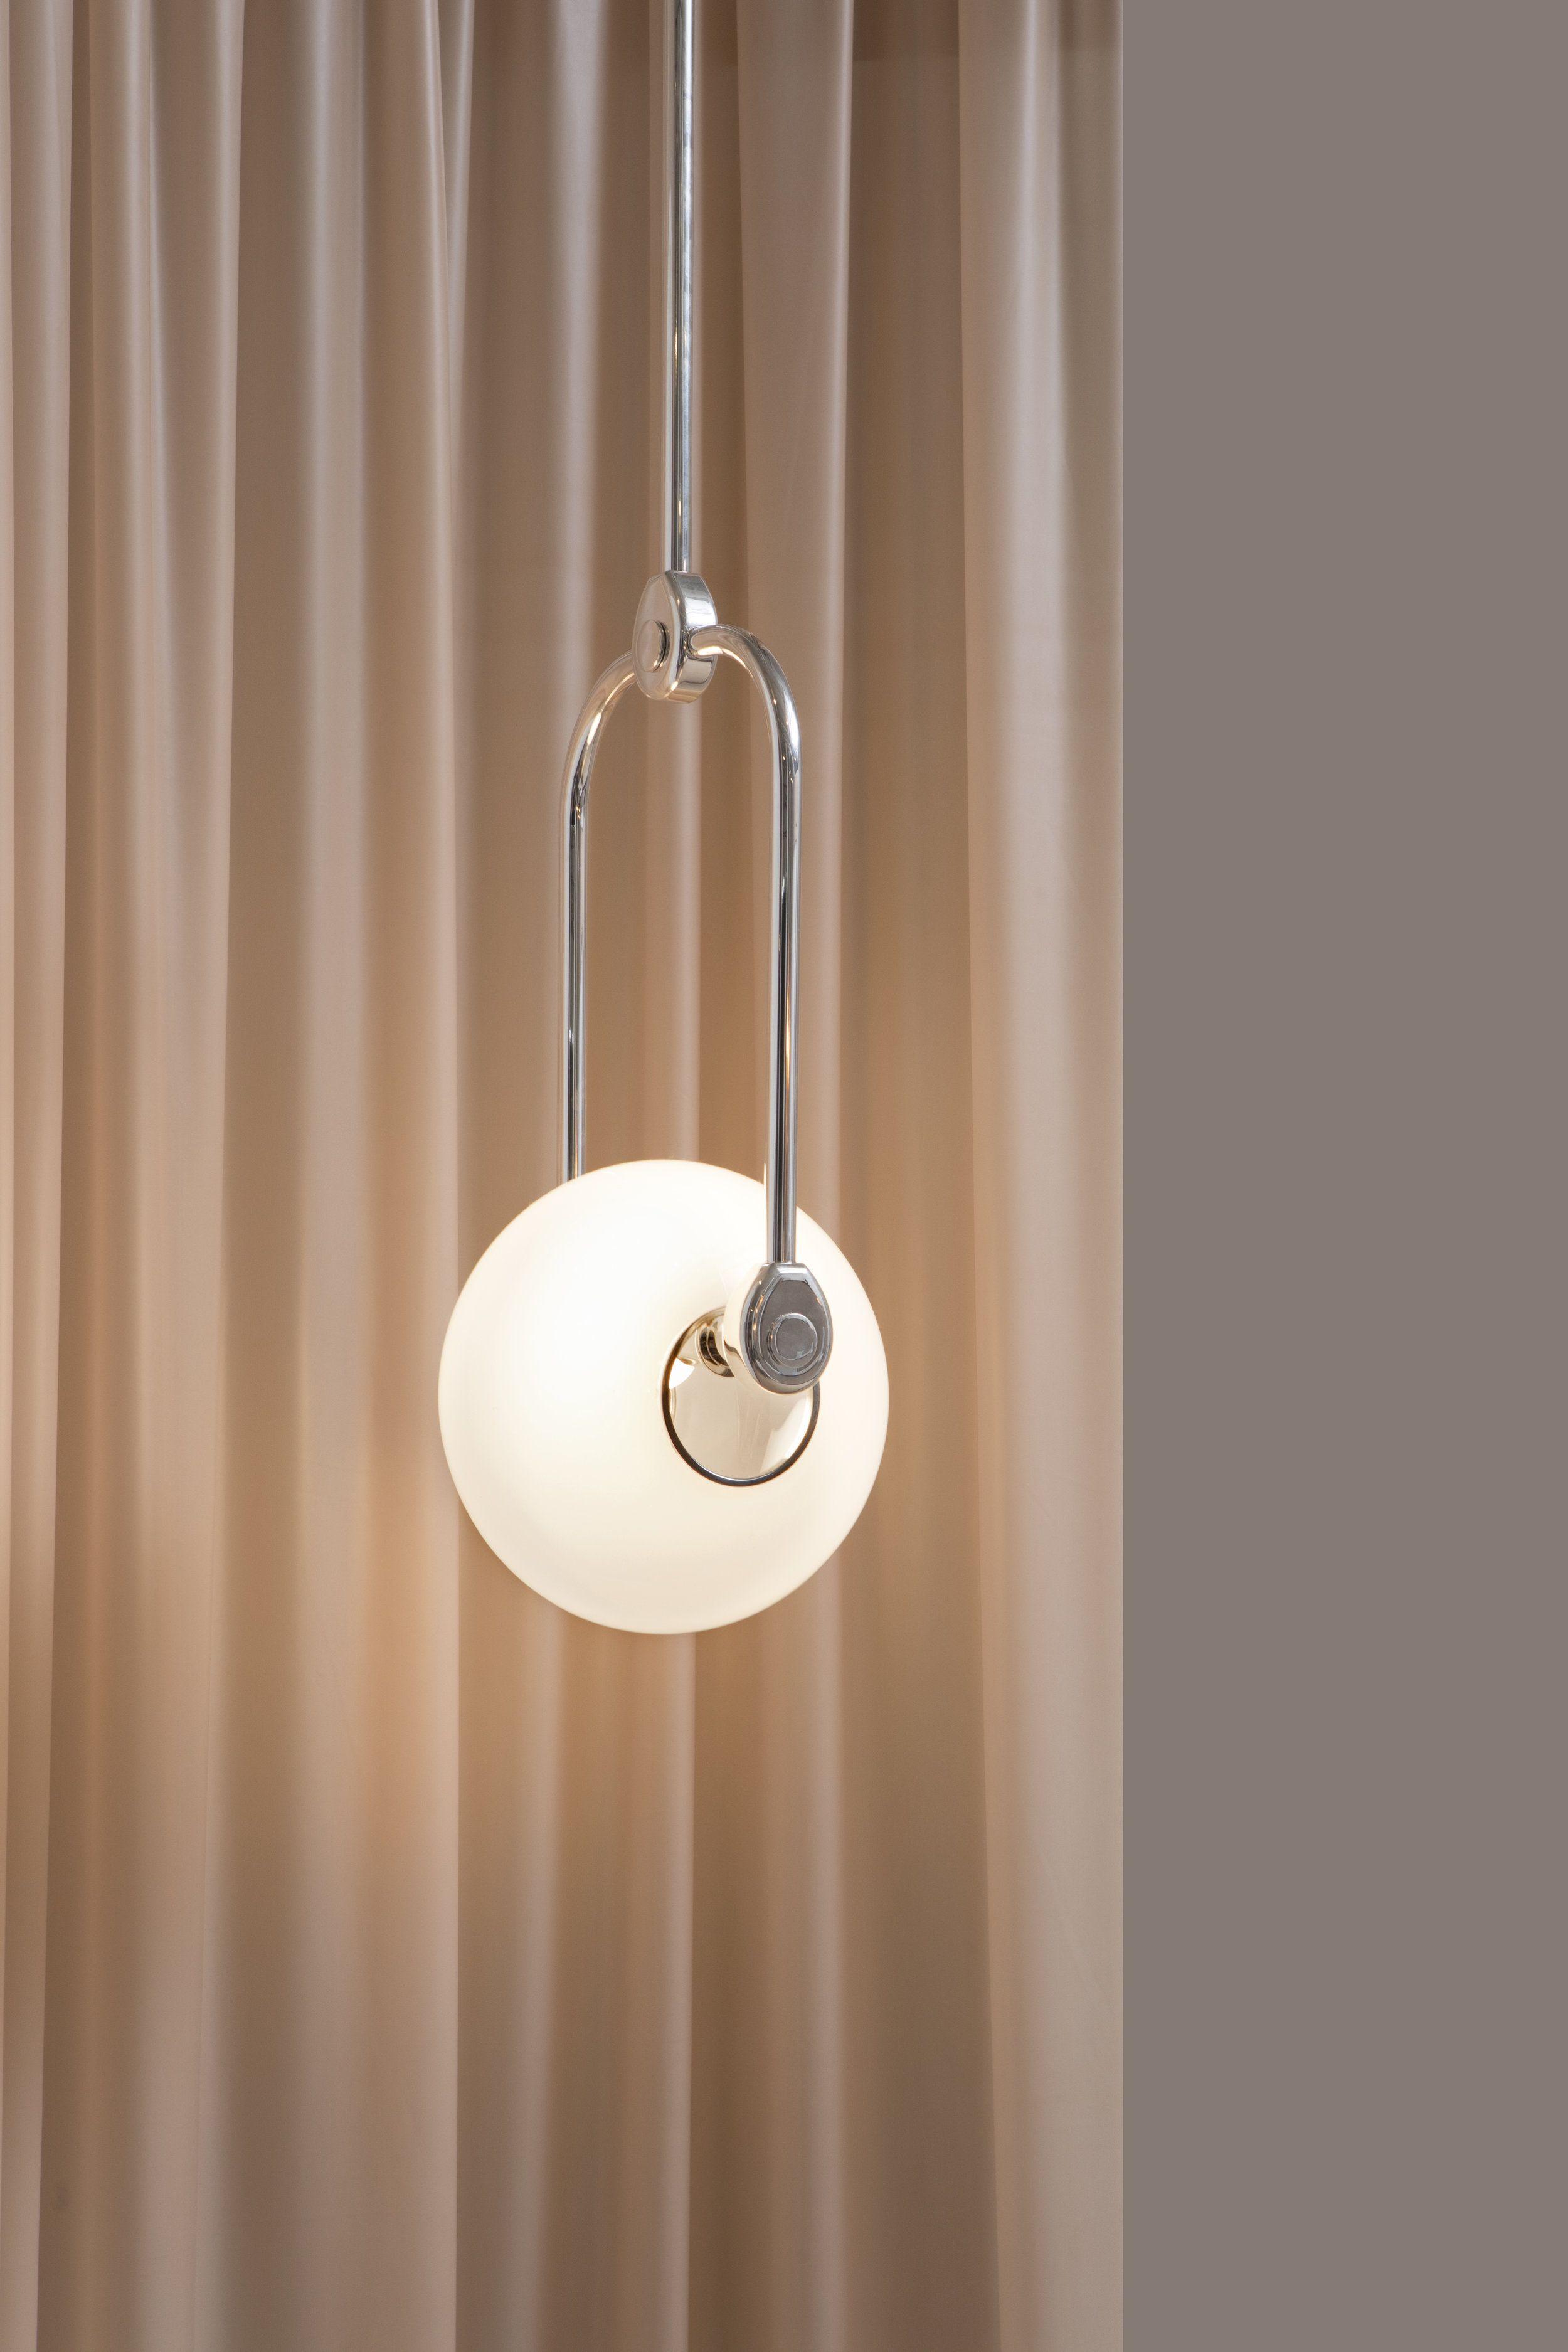 pin by yang rong on dengju in 2018 pinterest lighting lighting rh pinterest com